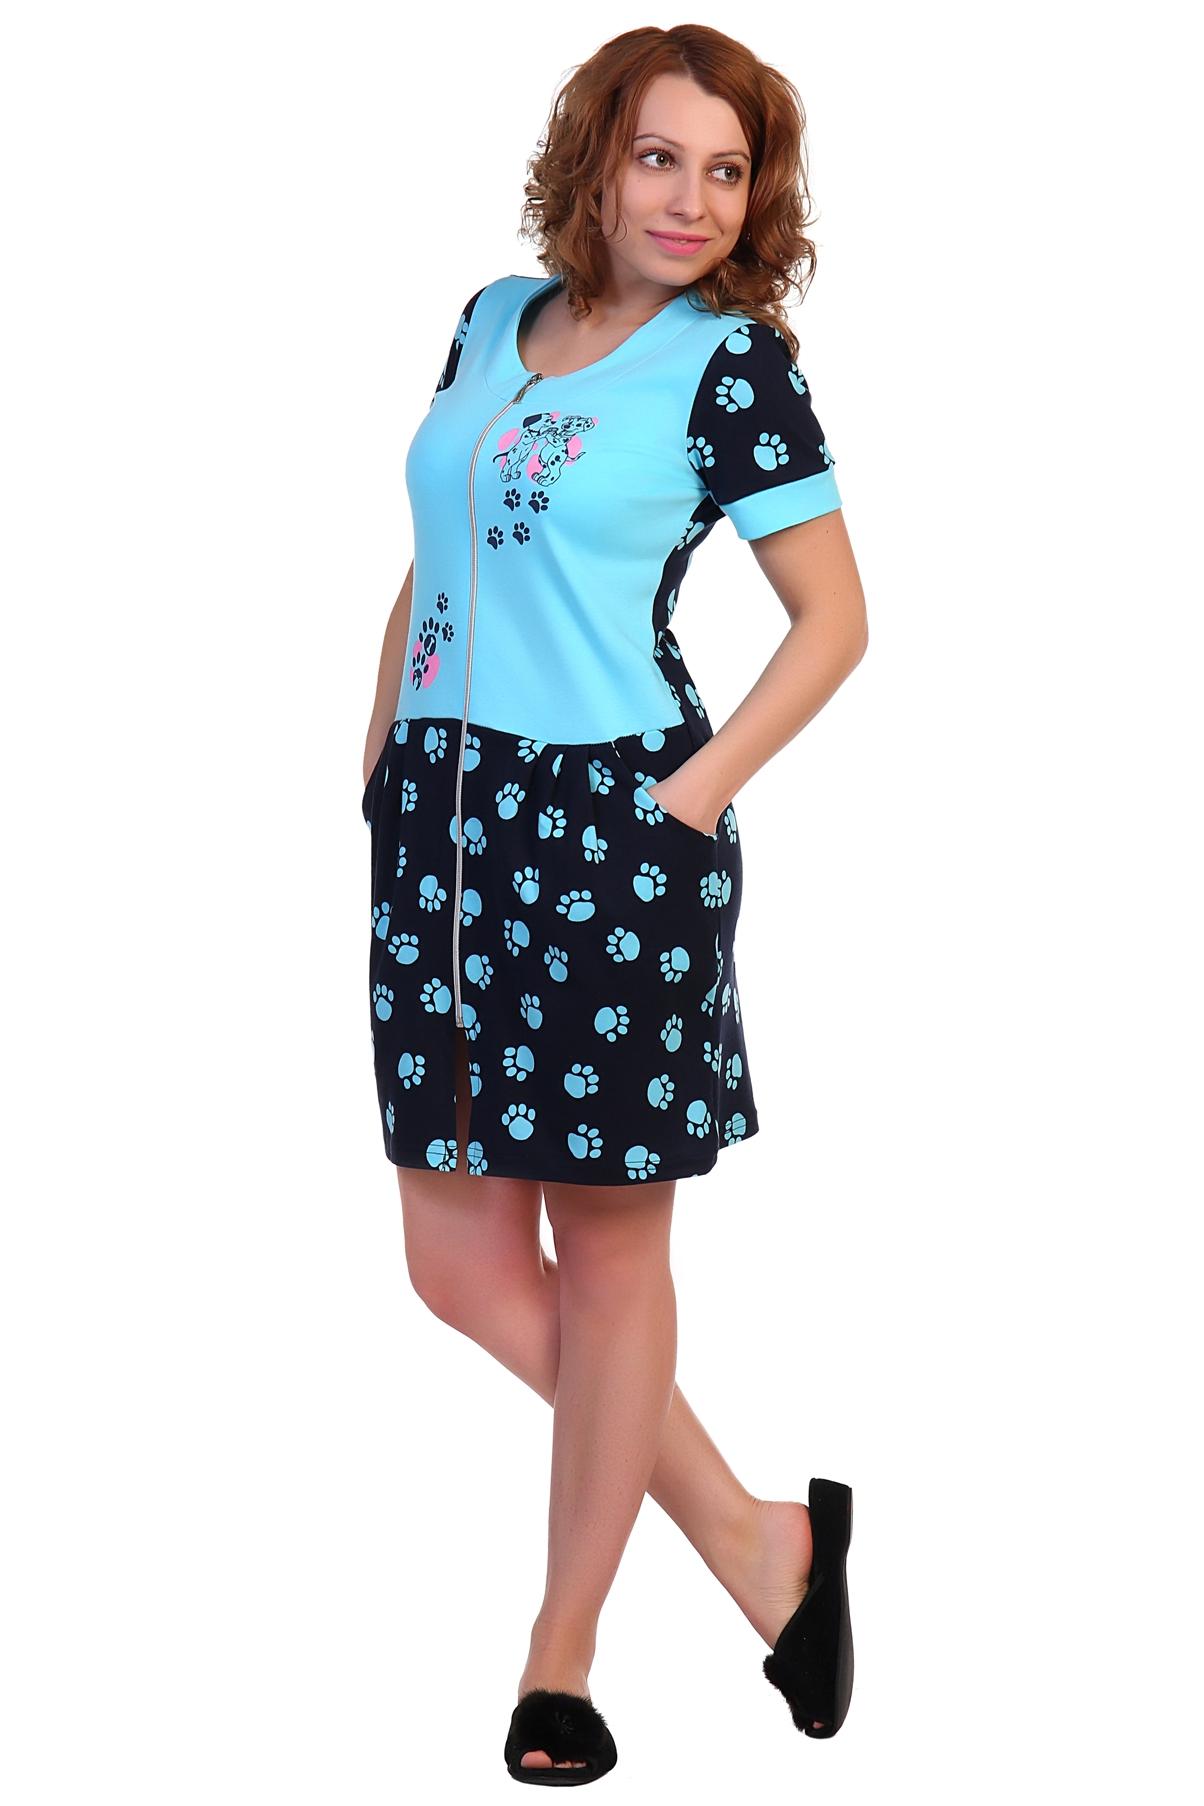 Жен. халат арт. 16-0298 Голубой р. 54 - Женская одежда артикул: 34181